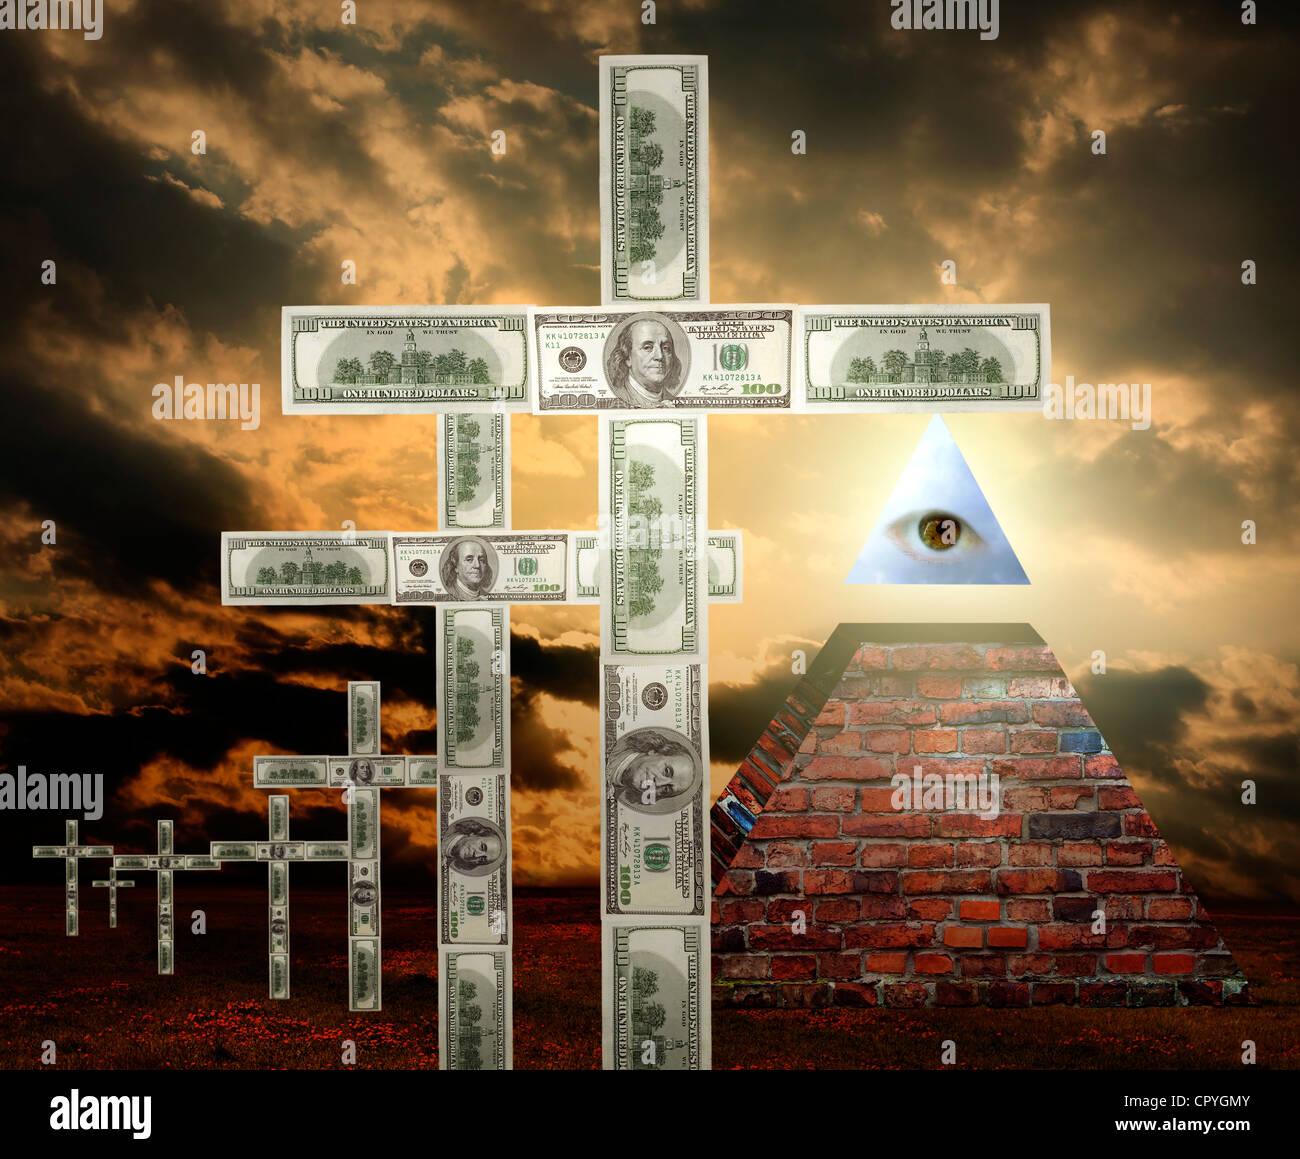 Illuminati Stock Photos & Illuminati Stock Images - Alamy